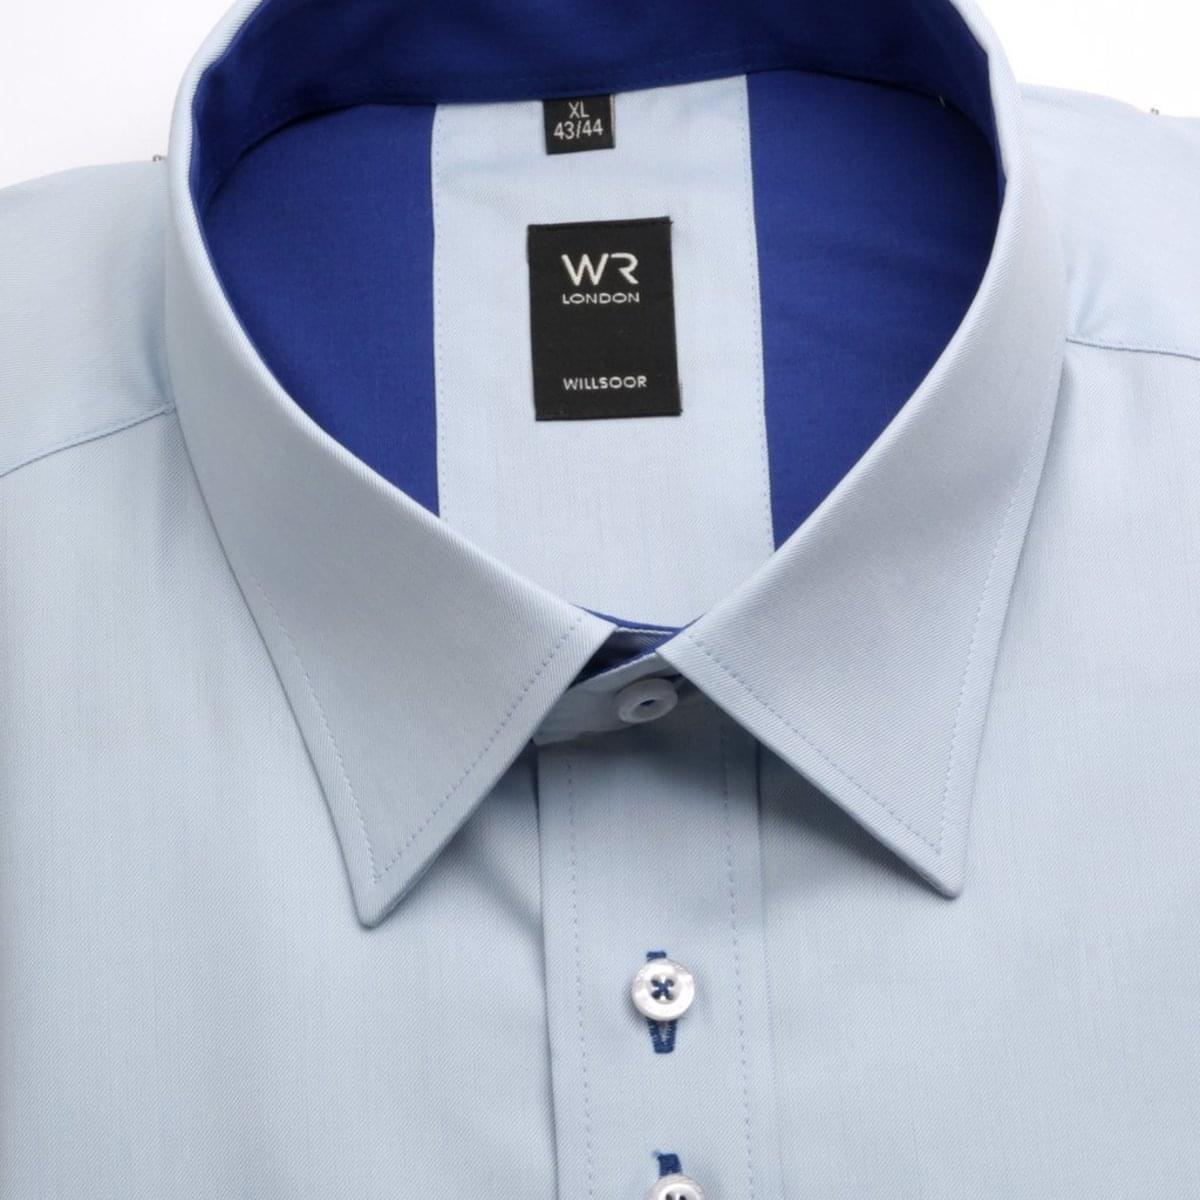 Pánská klasická košile London (výška 188-194)3895 v modré barvě s úpravou easy care 188-194 / XL (43/44)